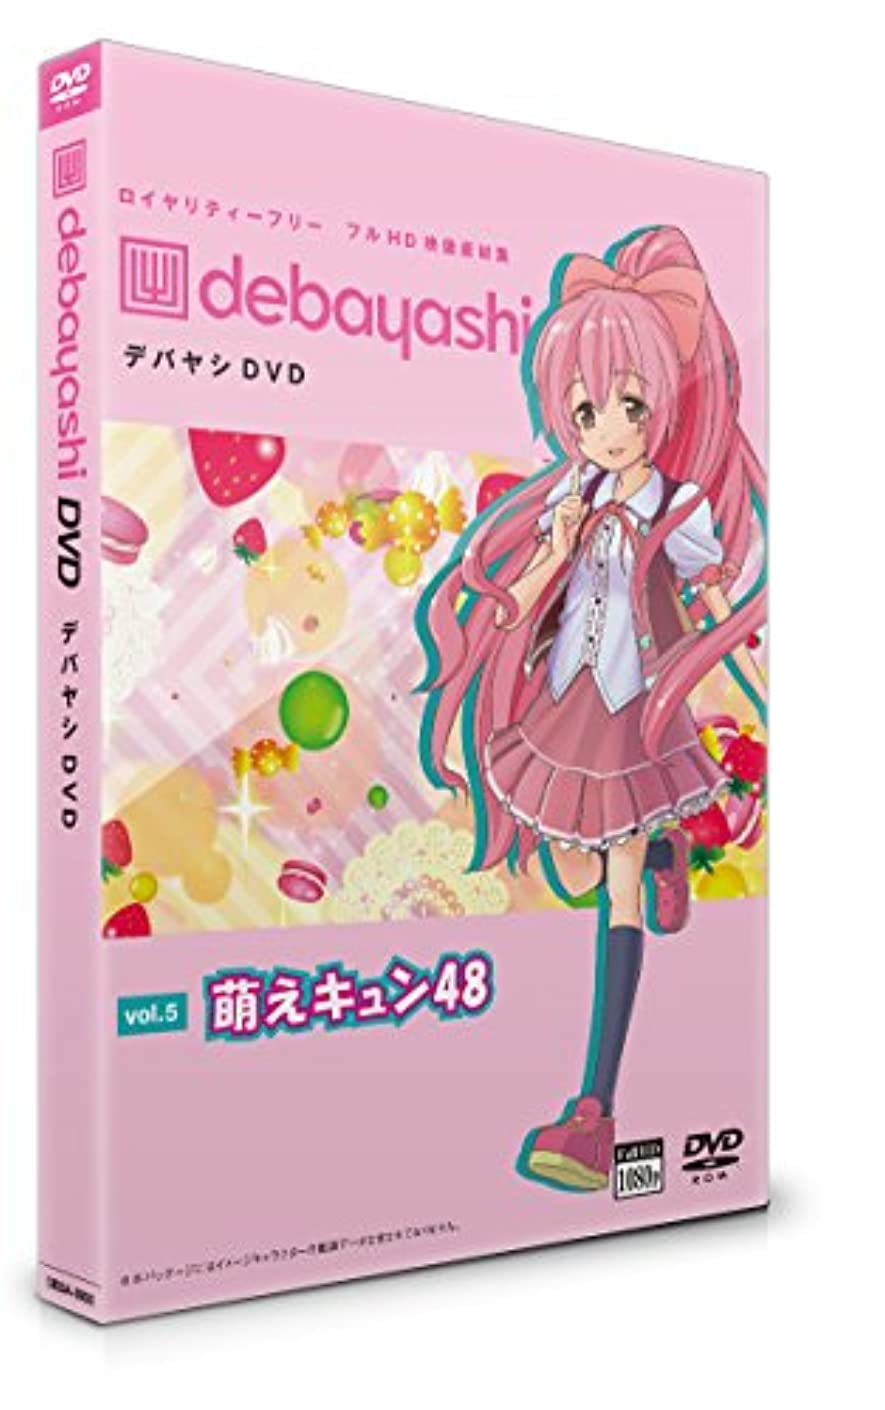 フリーでつかえる プロ動画素材集 48収録 DEBAYASHI-DVD「萌えキュン48」vol.05(商用利用可)